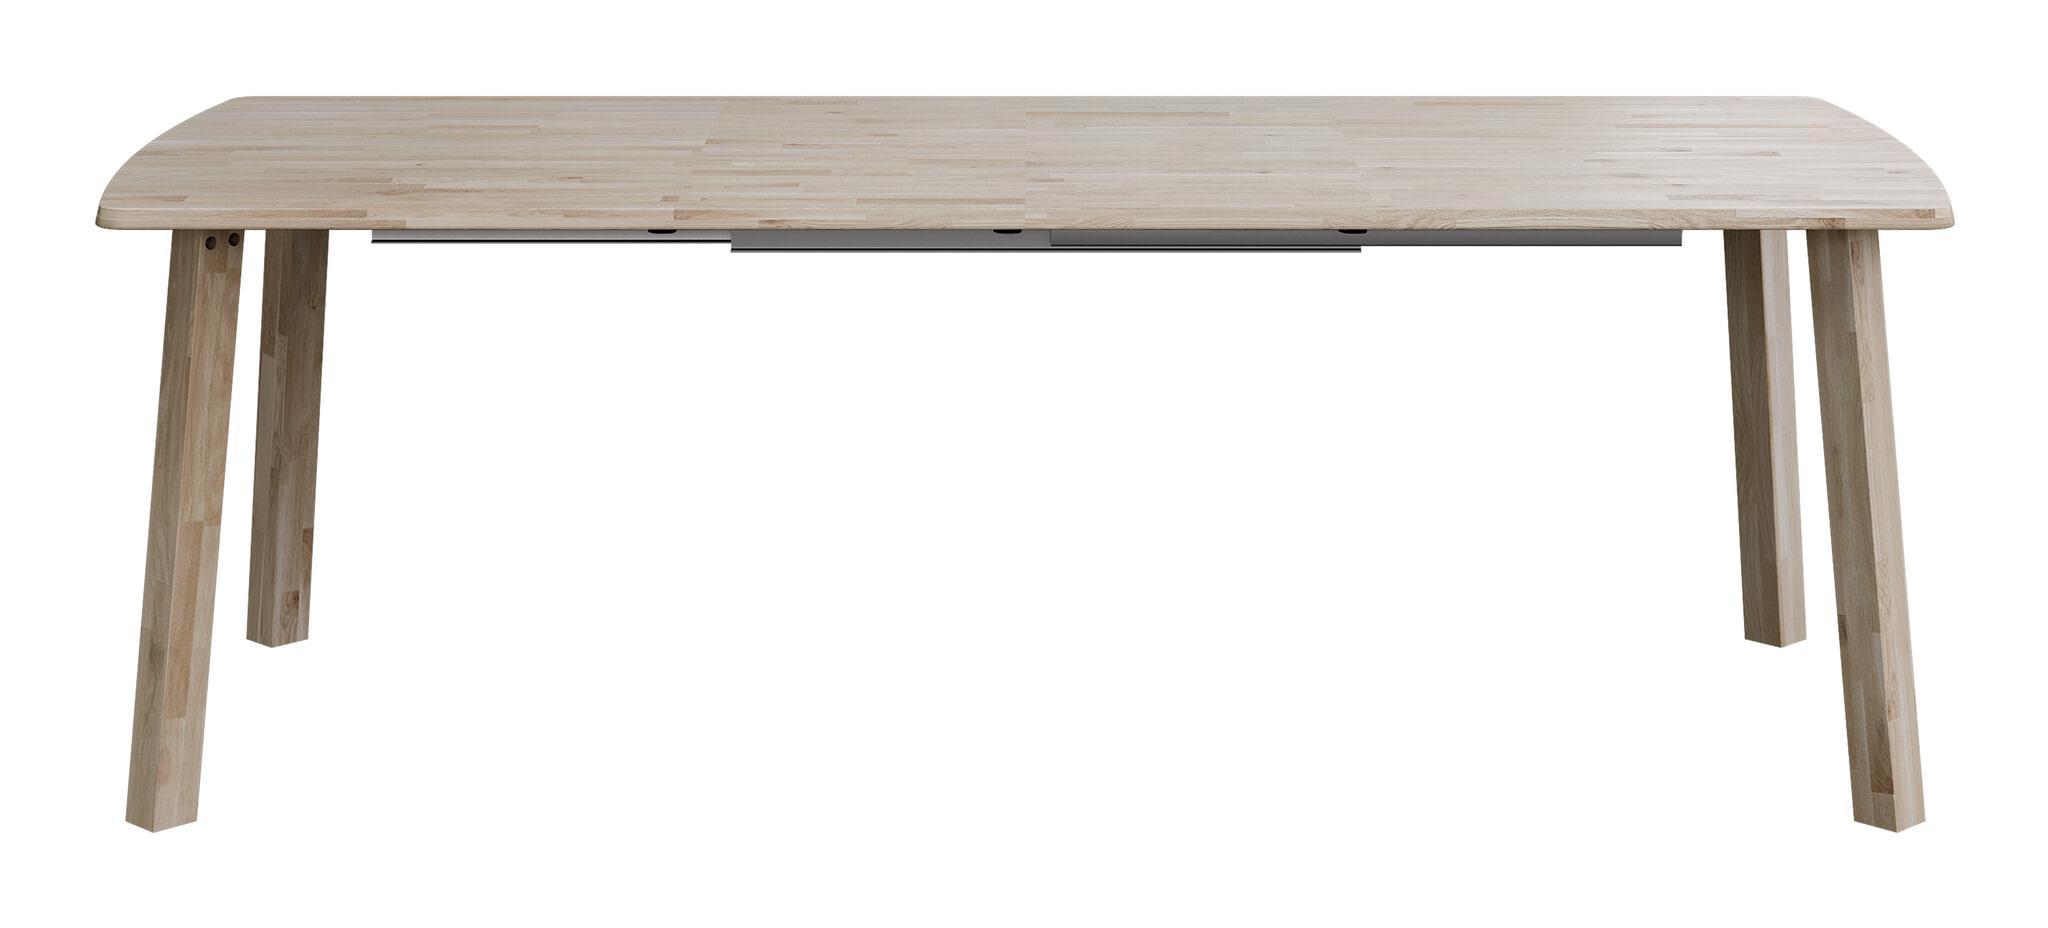 Uitschuifbare Eettafel 140.Woood Uitschuifbare Eettafel Lange Jan 85 X 140 220cm